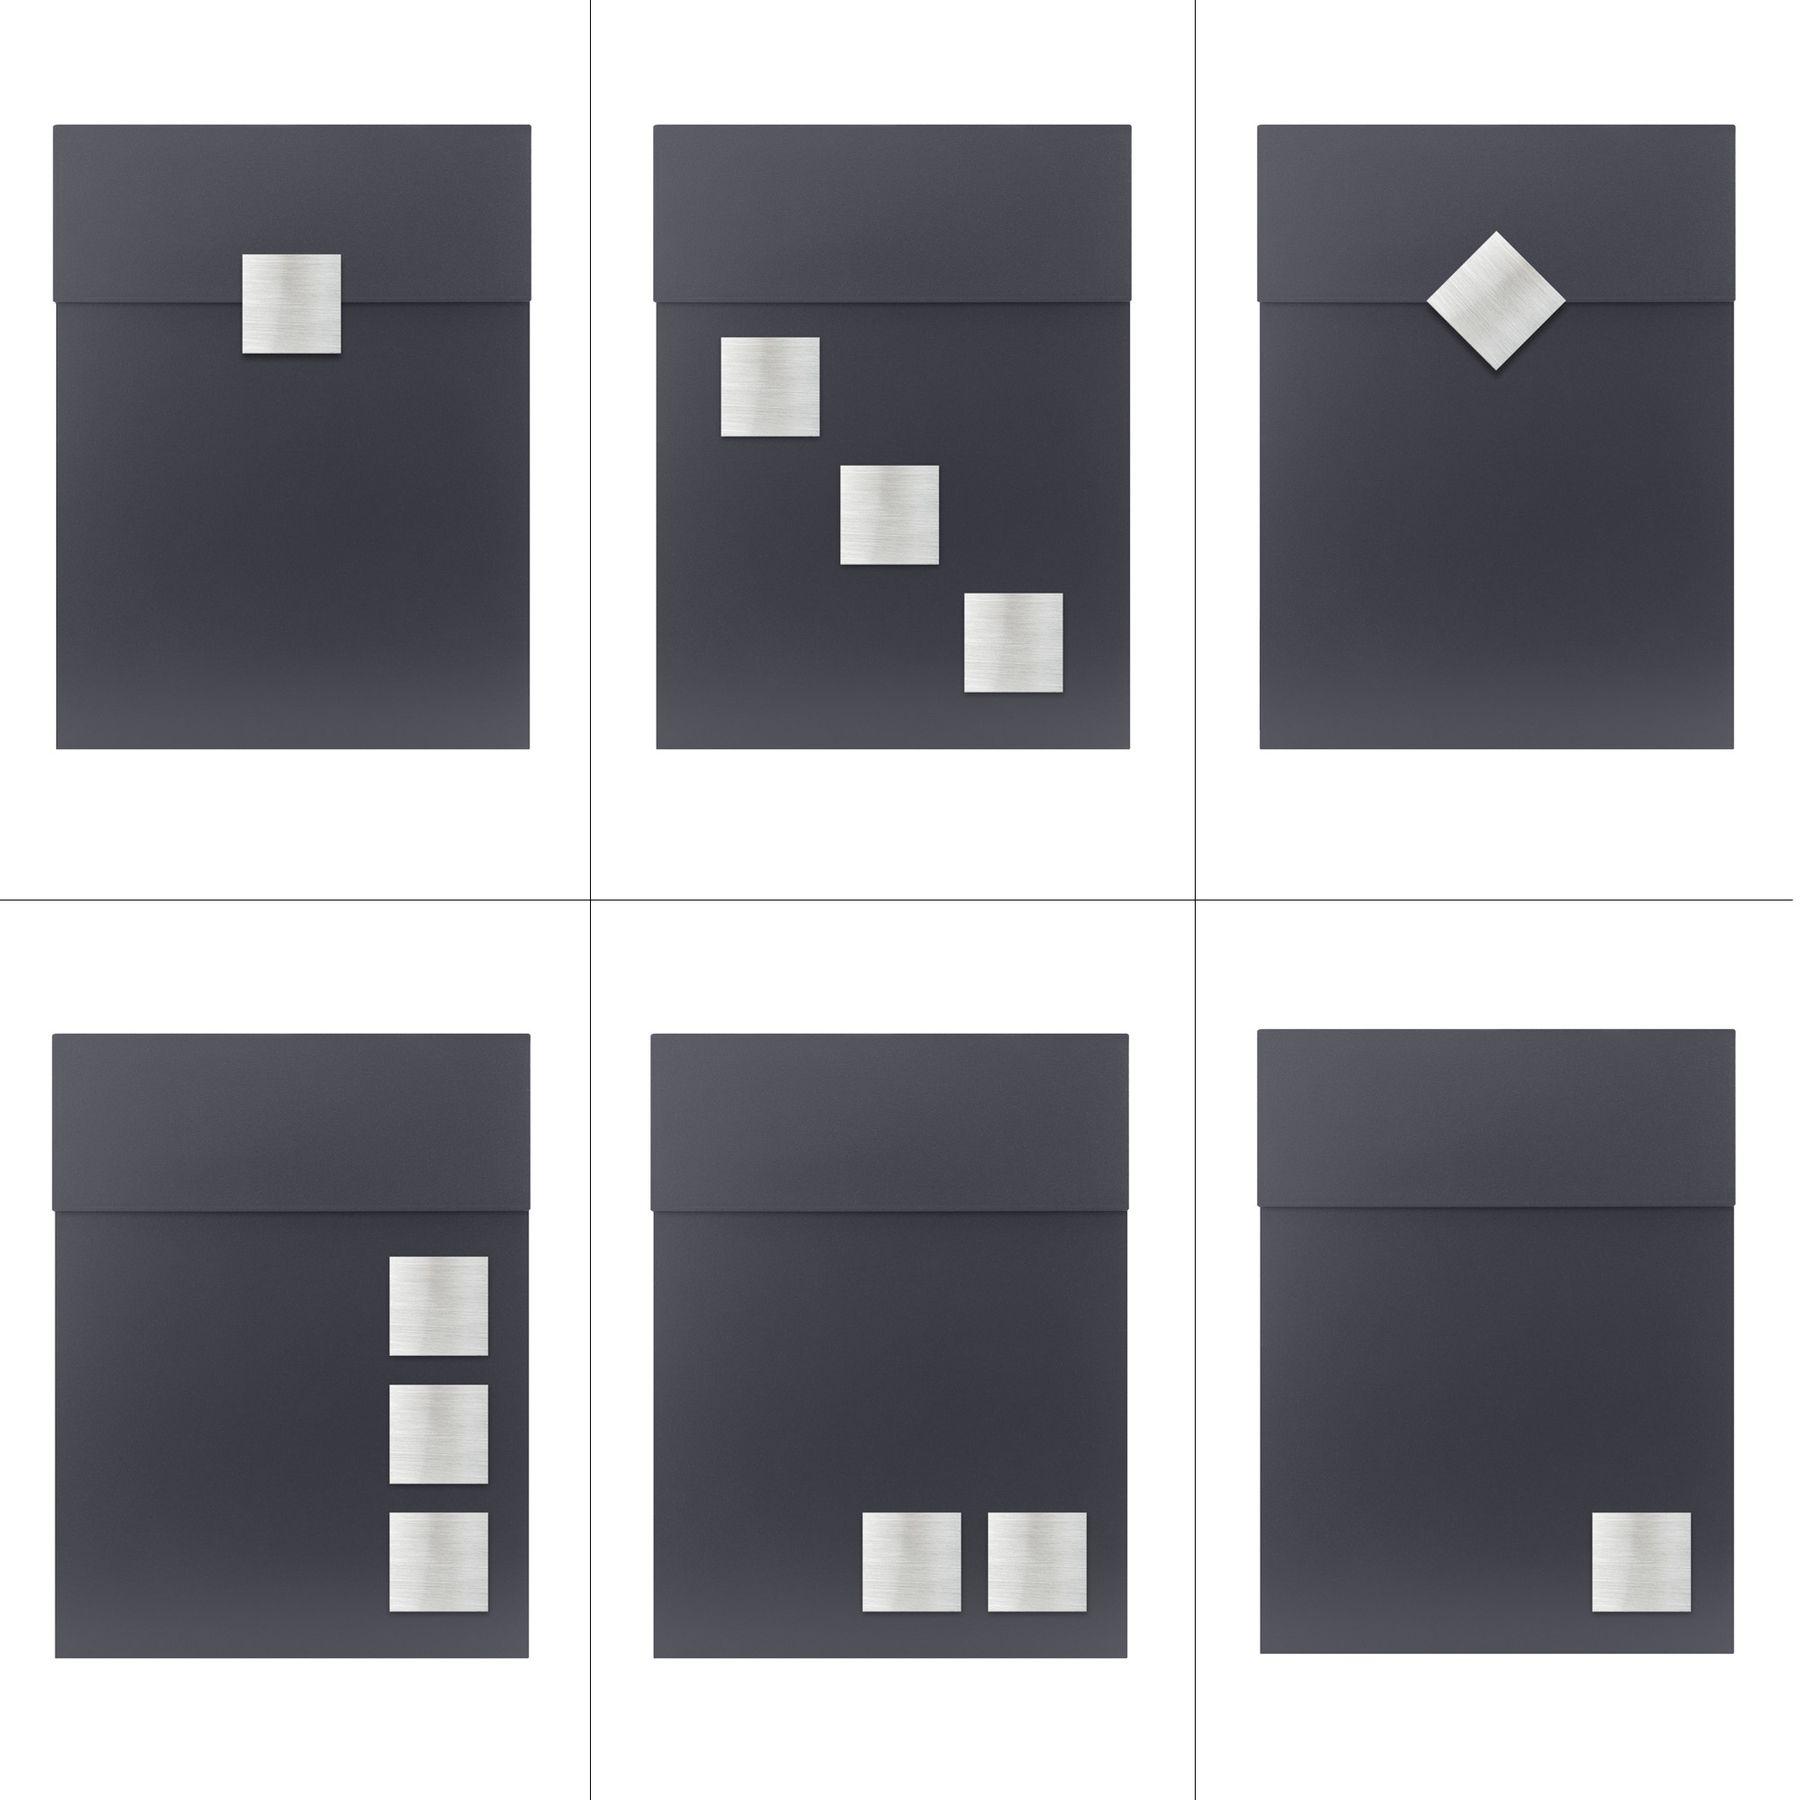 mocavi box 500 briefkasten mit zeitungsfach anthrazit grau. Black Bedroom Furniture Sets. Home Design Ideas